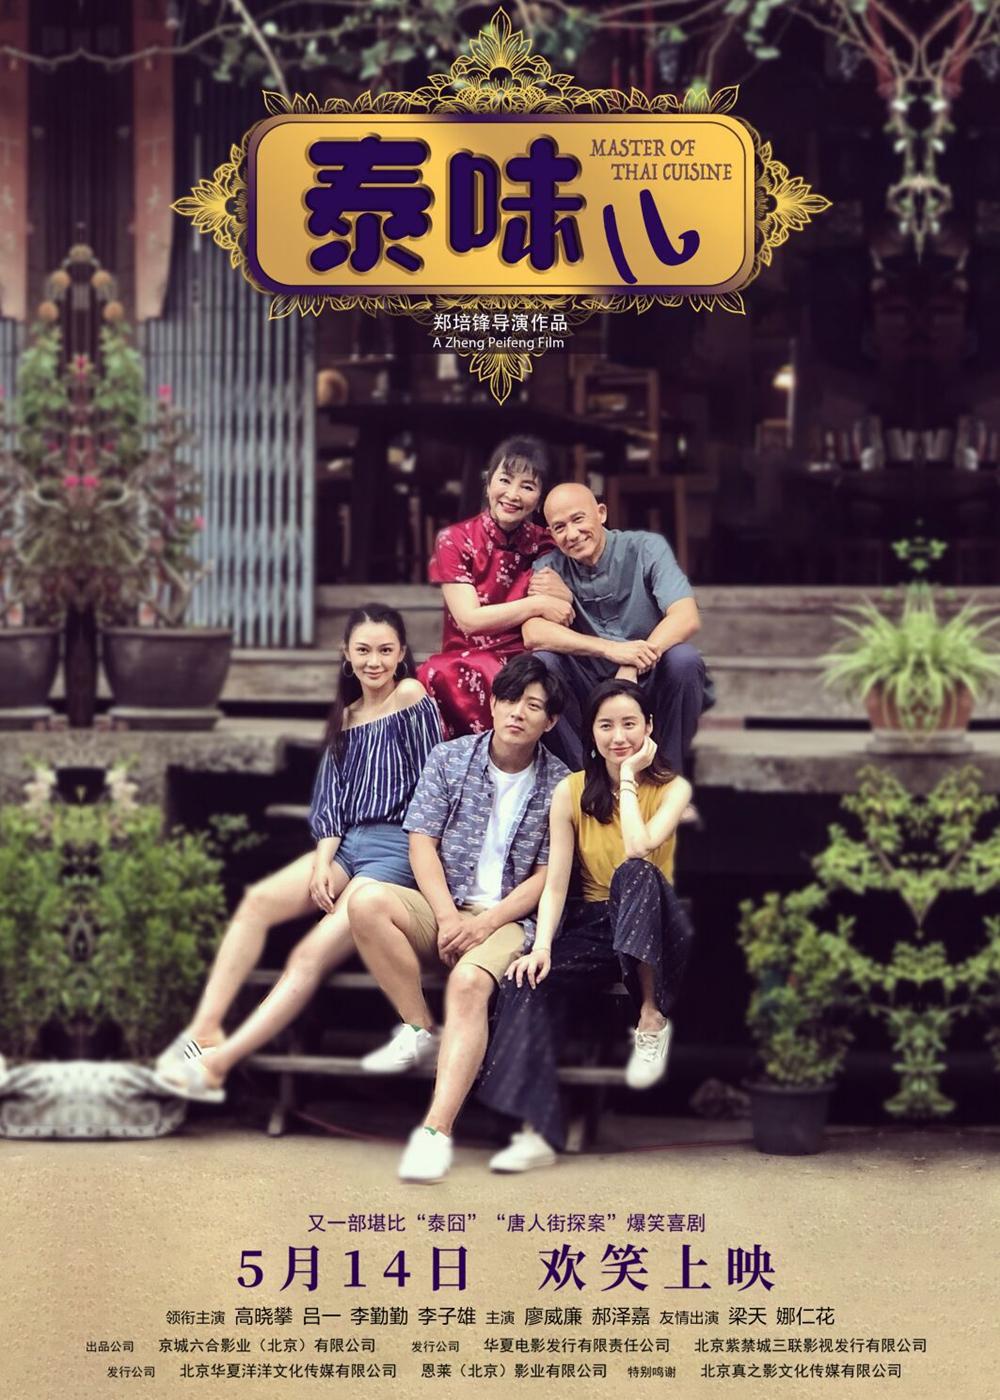 电影《泰味儿》在京首映:泰国还是万能钥匙吗?